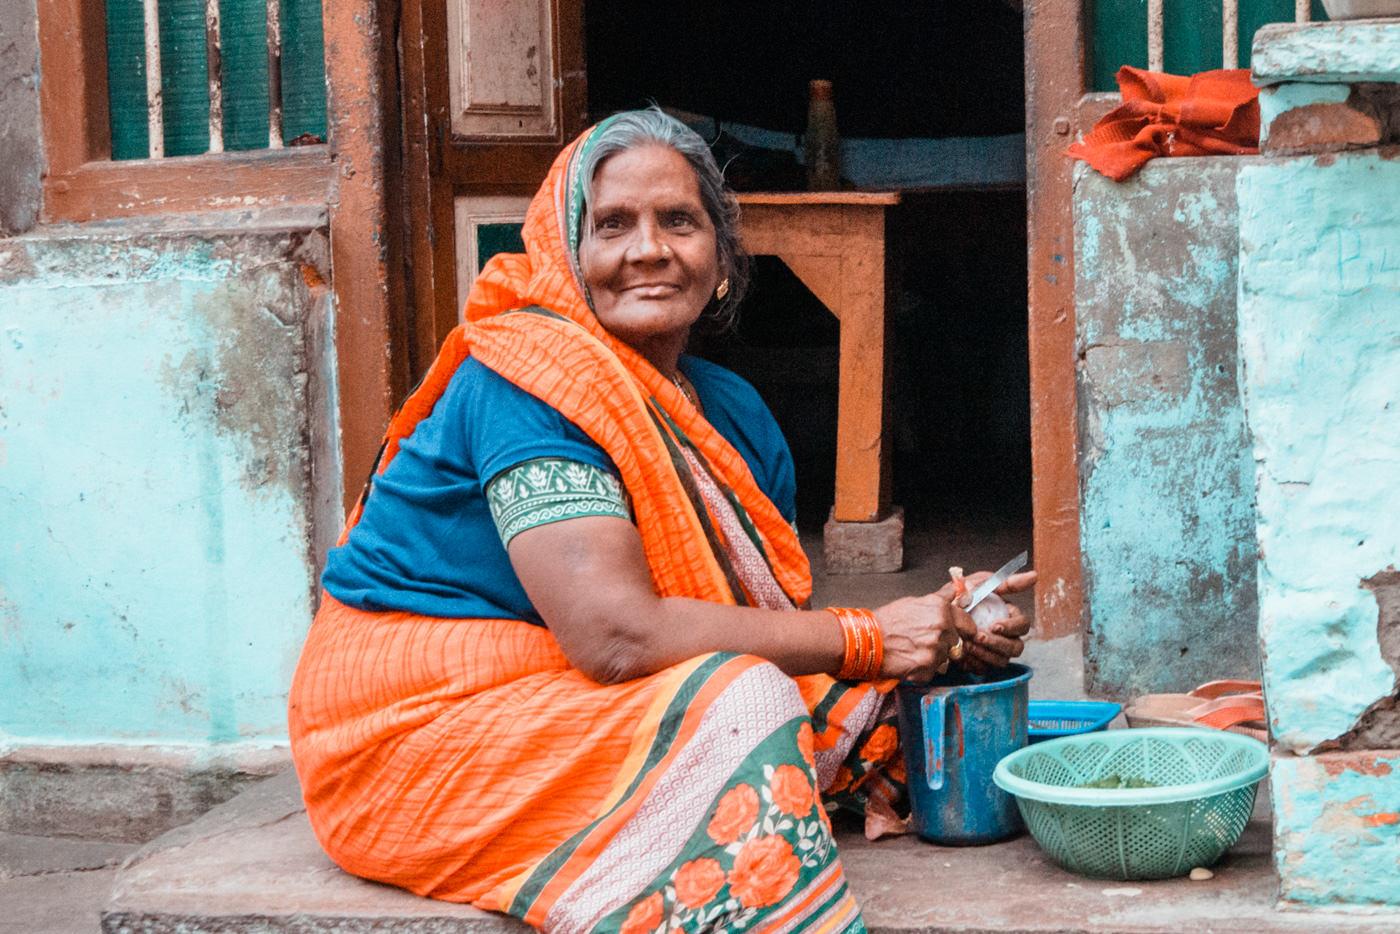 Inderin bereitet Essen vor